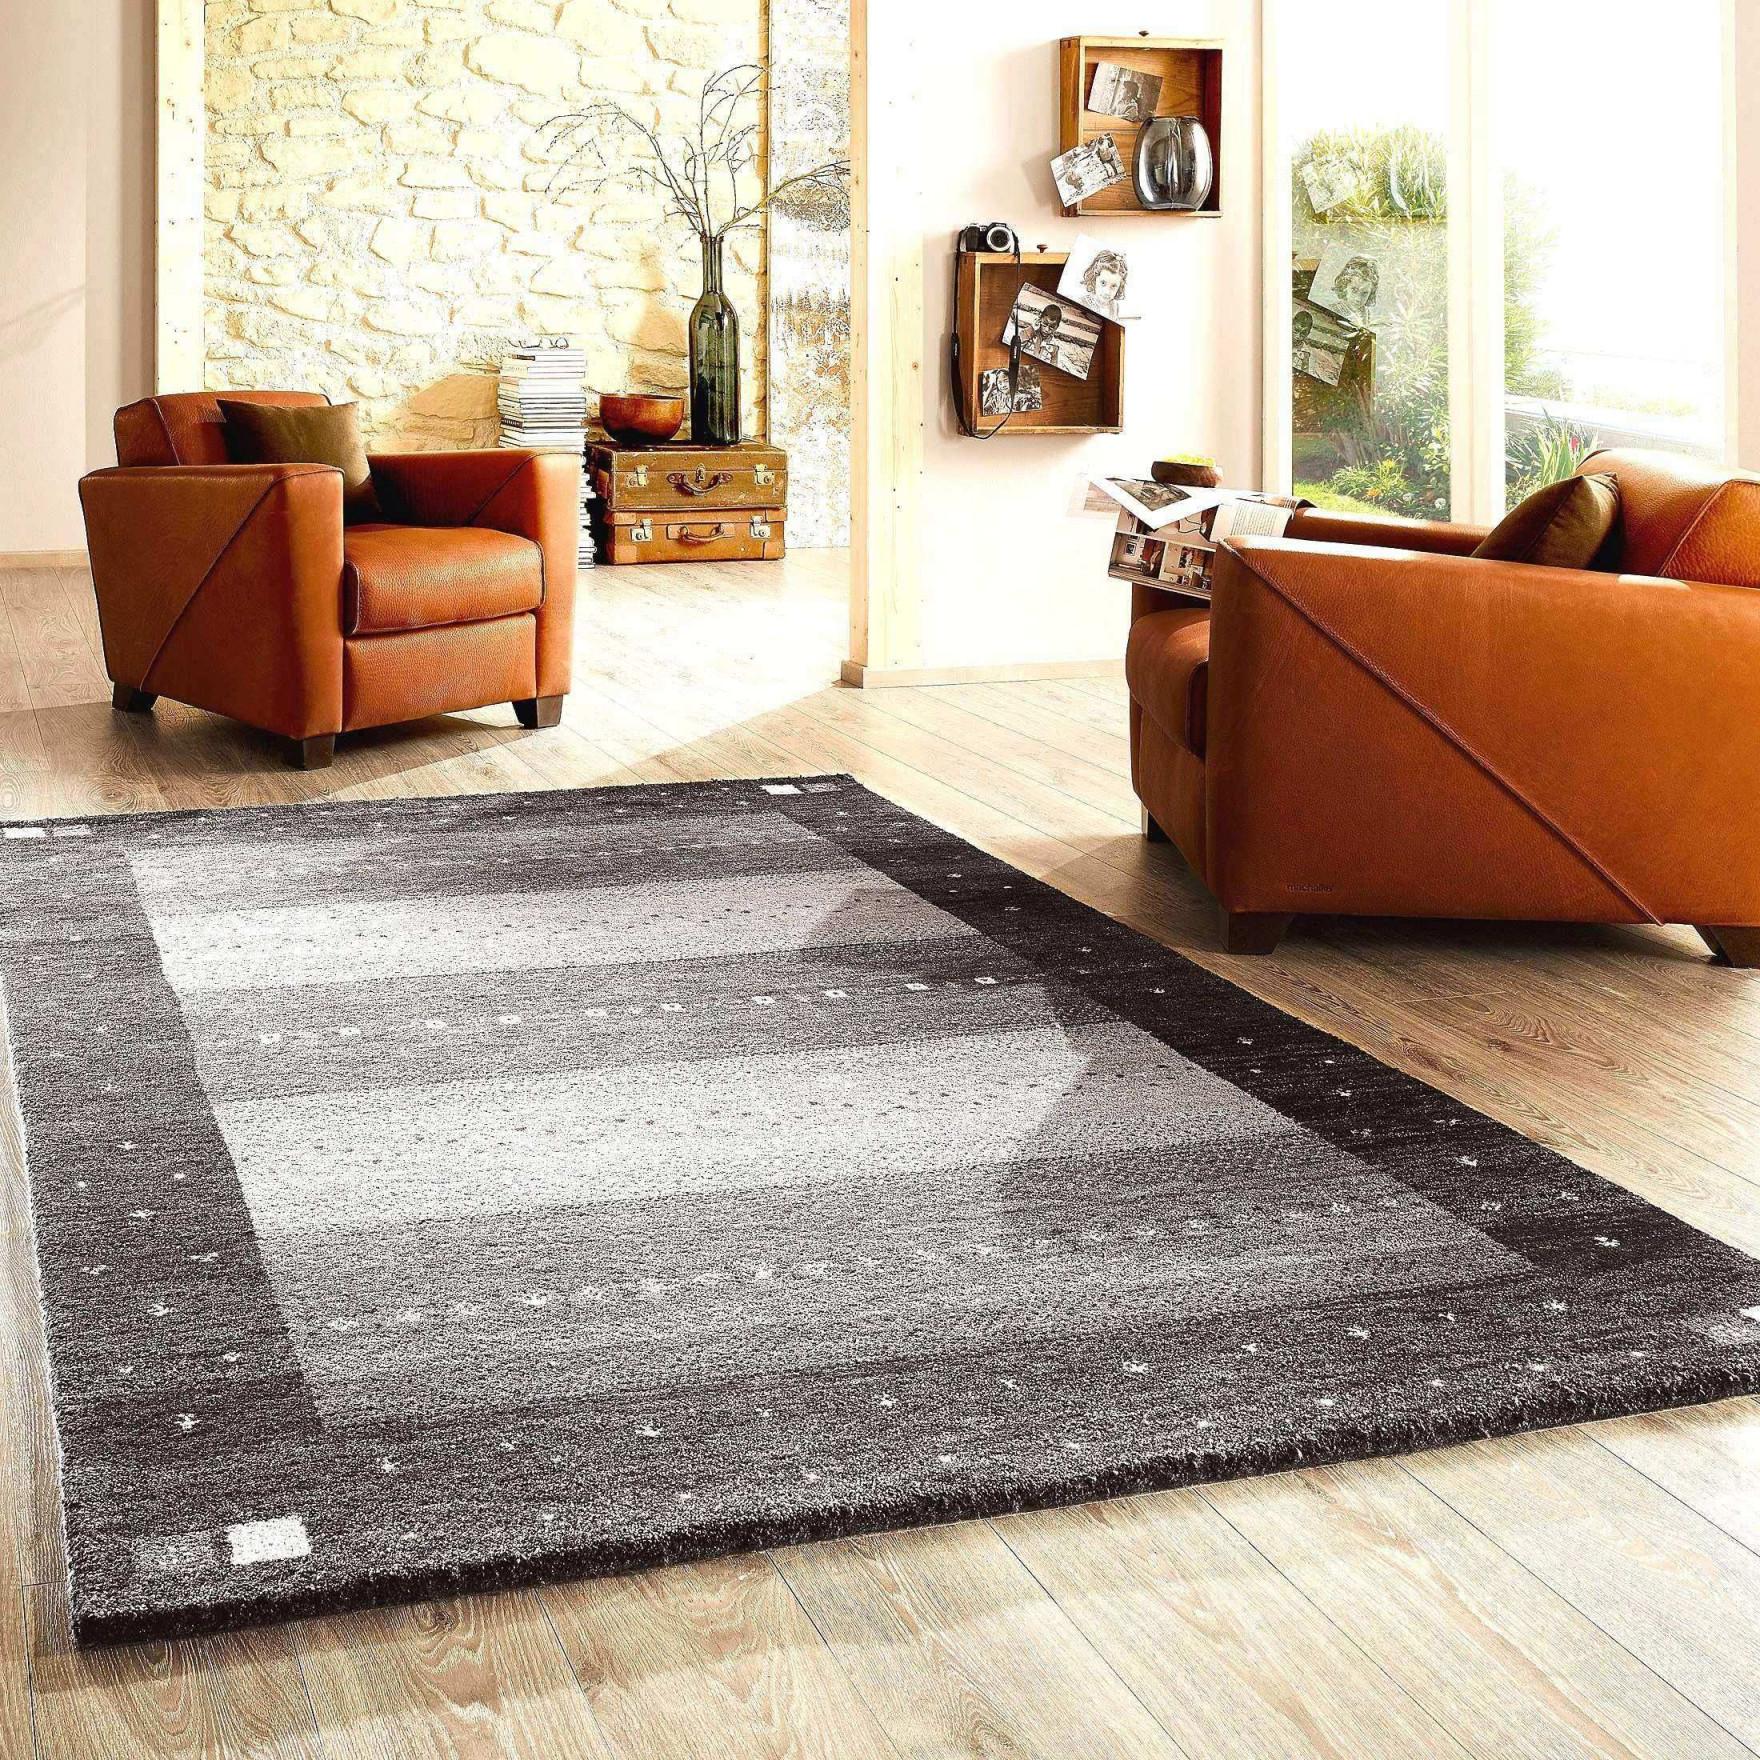 Runder Teppich Bunt Einzigartig Teppich Bunt Modern Bilder von Teppich Vorleger Wohnzimmer Bild